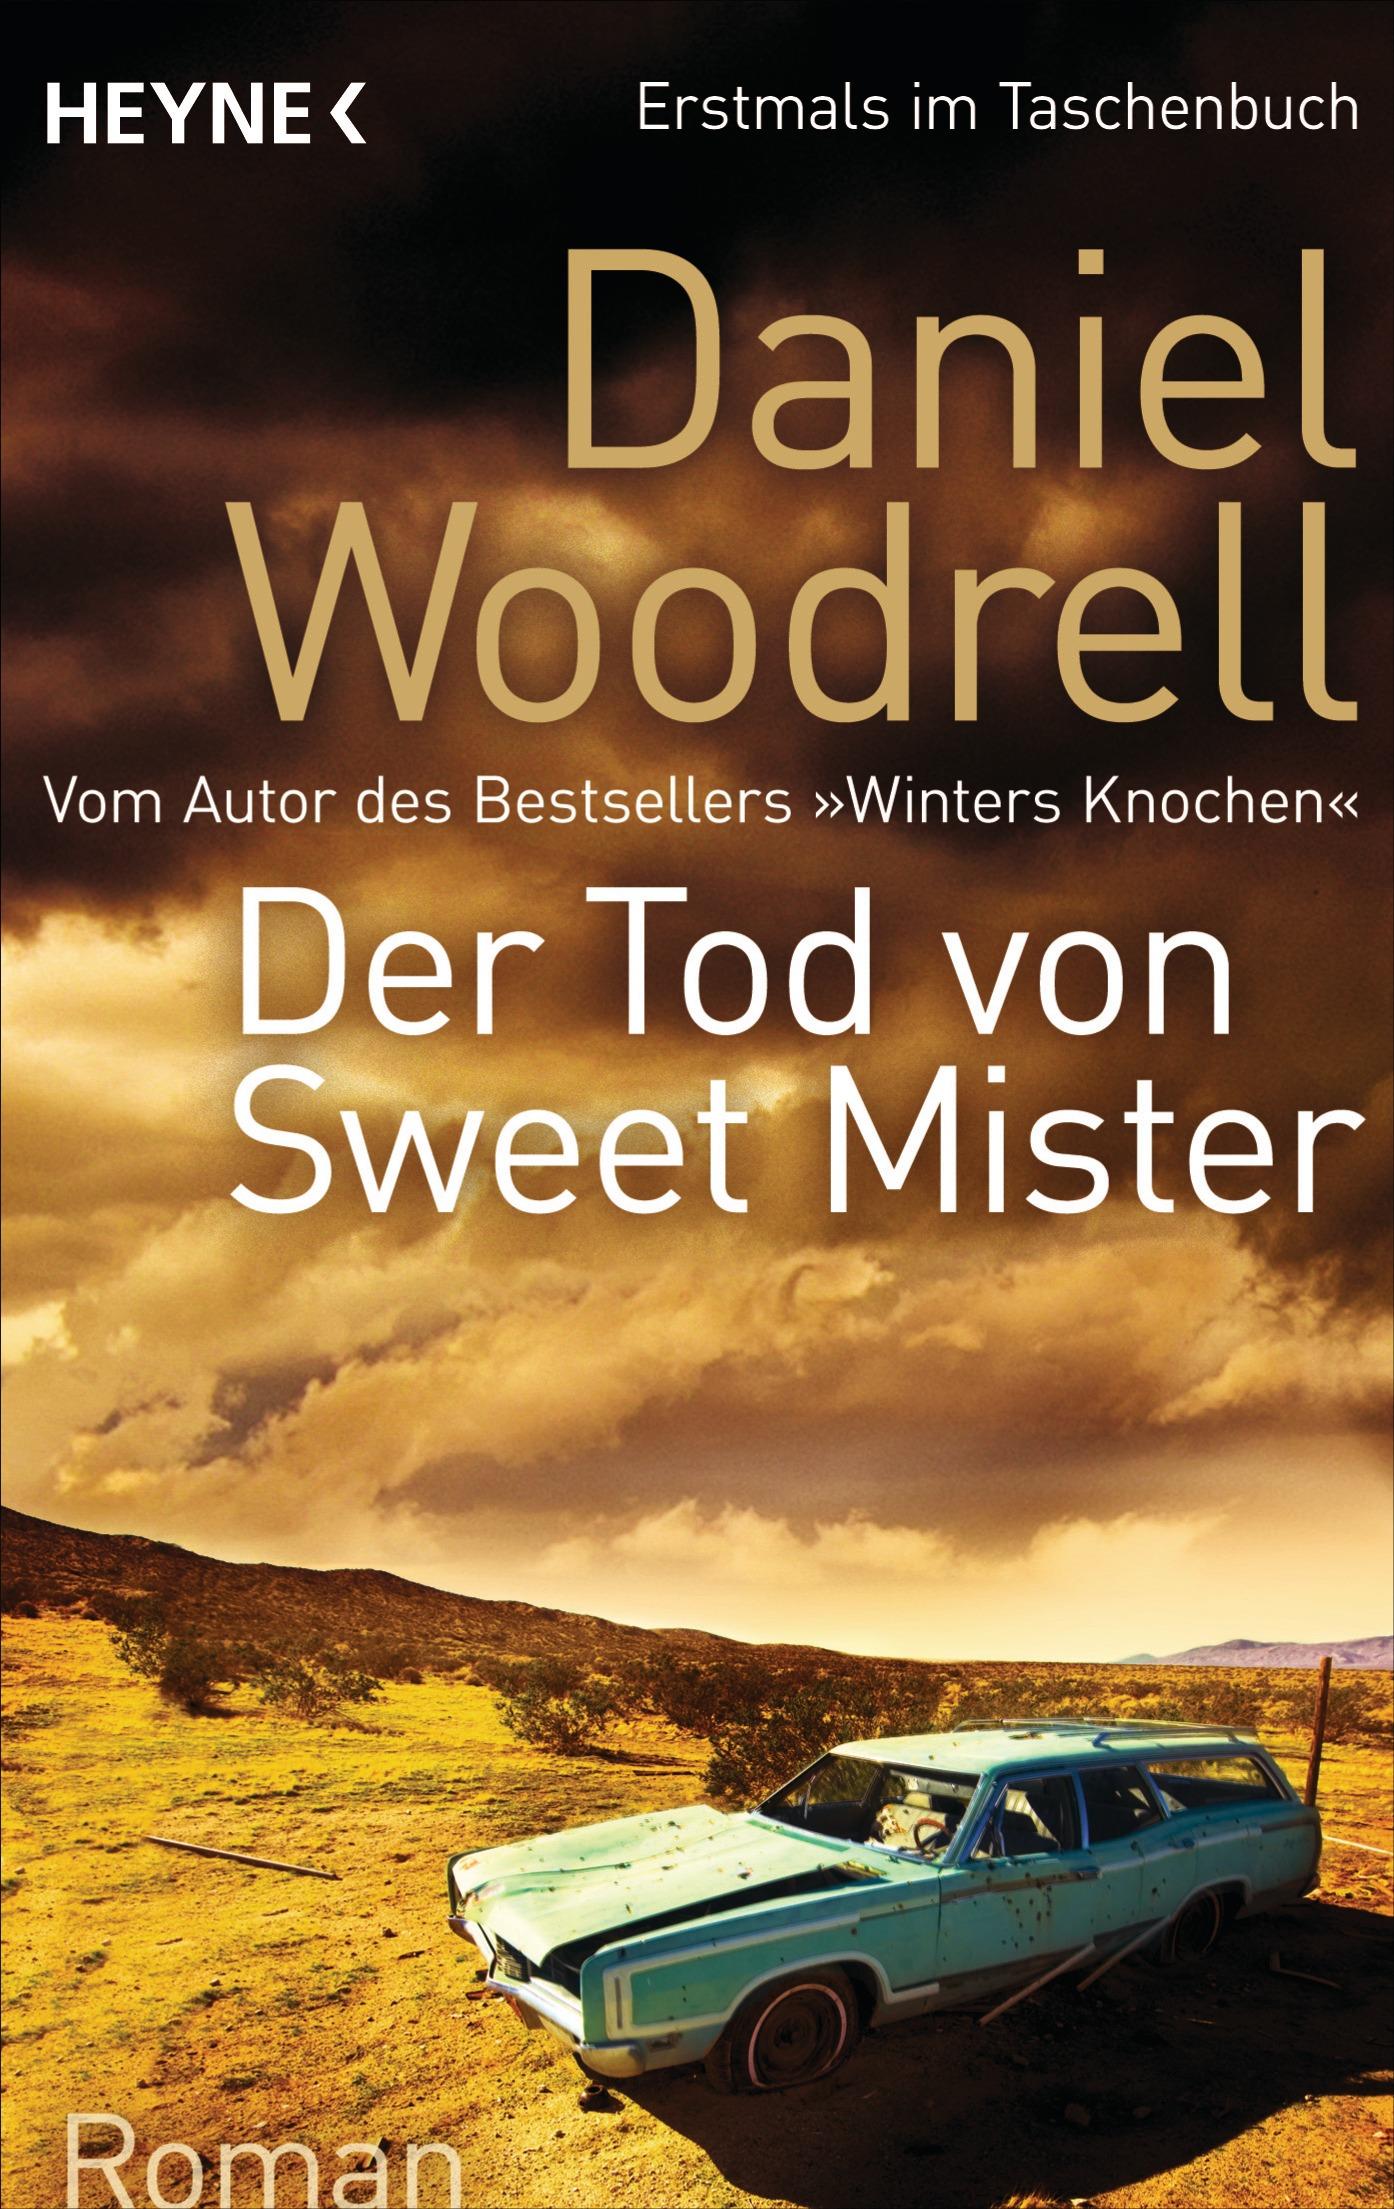 Der-Tod-von-Sweet-Mister-Daniel-Woodrell